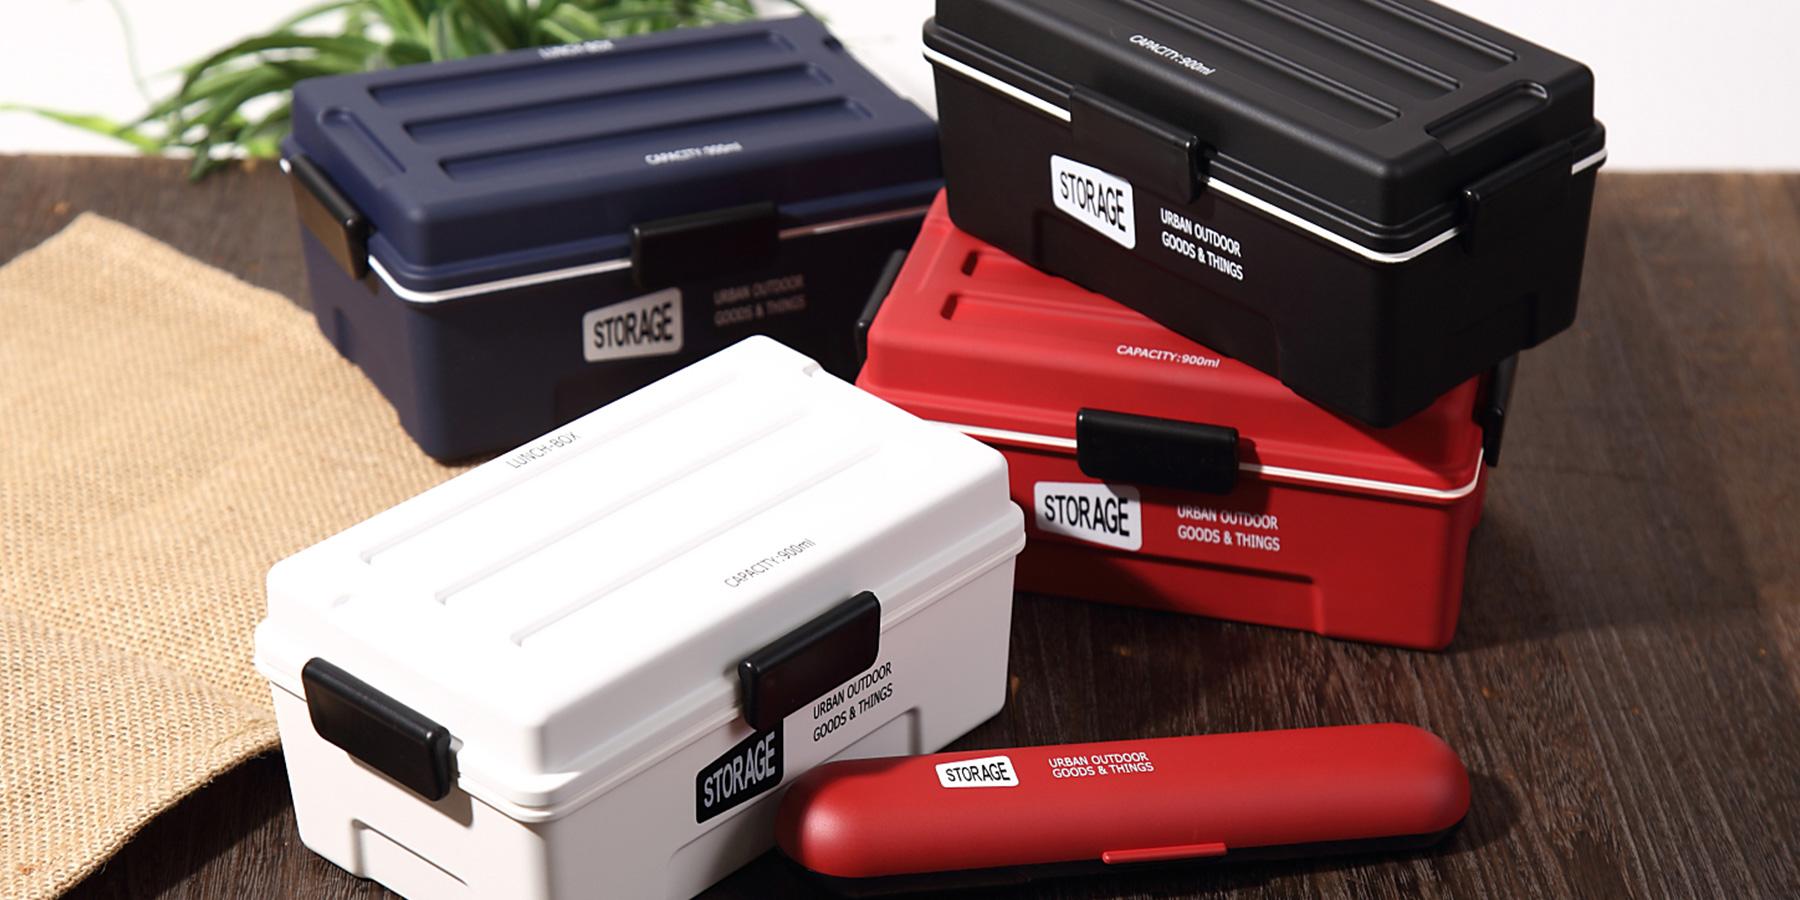 弁当箱 男性 1段 メンズ おしゃれ 食洗機対応 食洗器対応 電子レンジ対応 STORAGE コンテナランチ